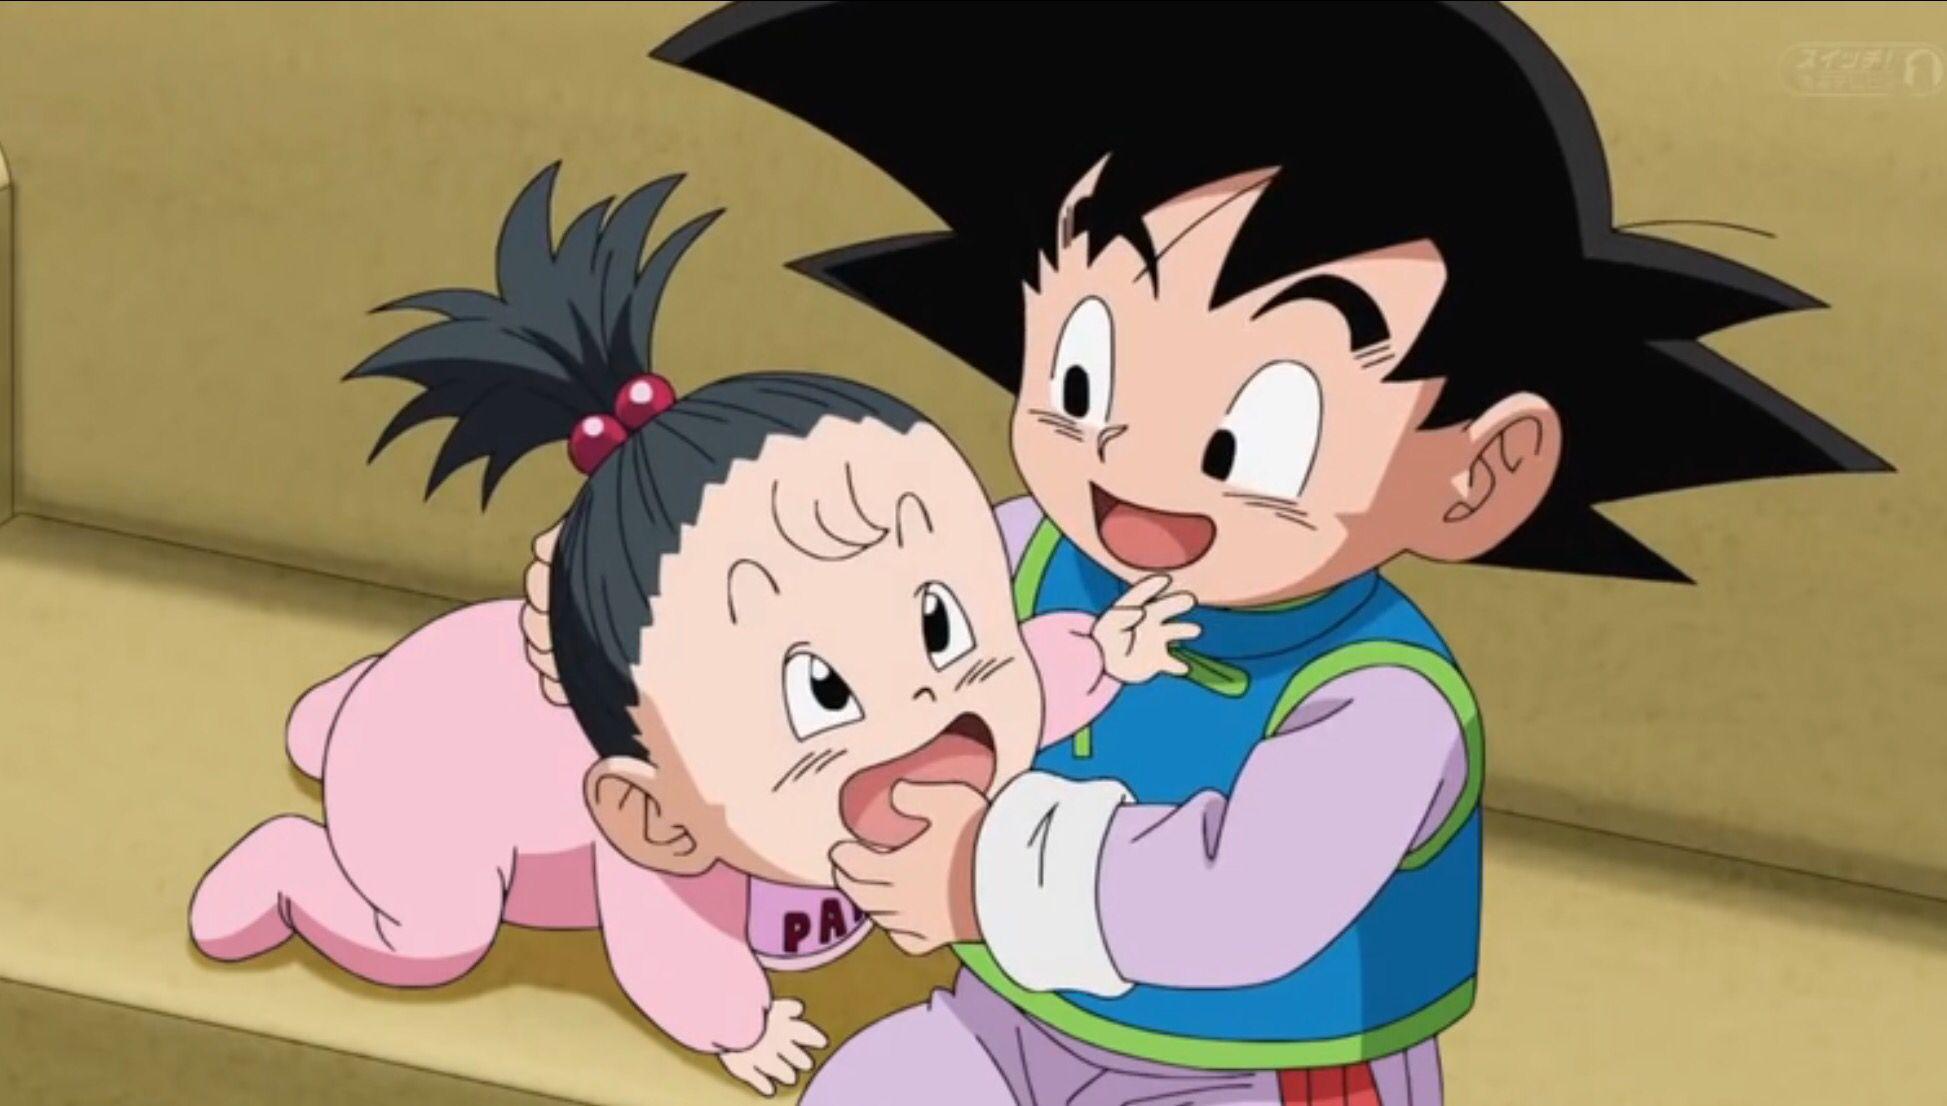 Goten And Pan Dragon Ball Super Episode 43 Anime Dragon Ball Dragon Ball Super Manga Dragon Ball Z